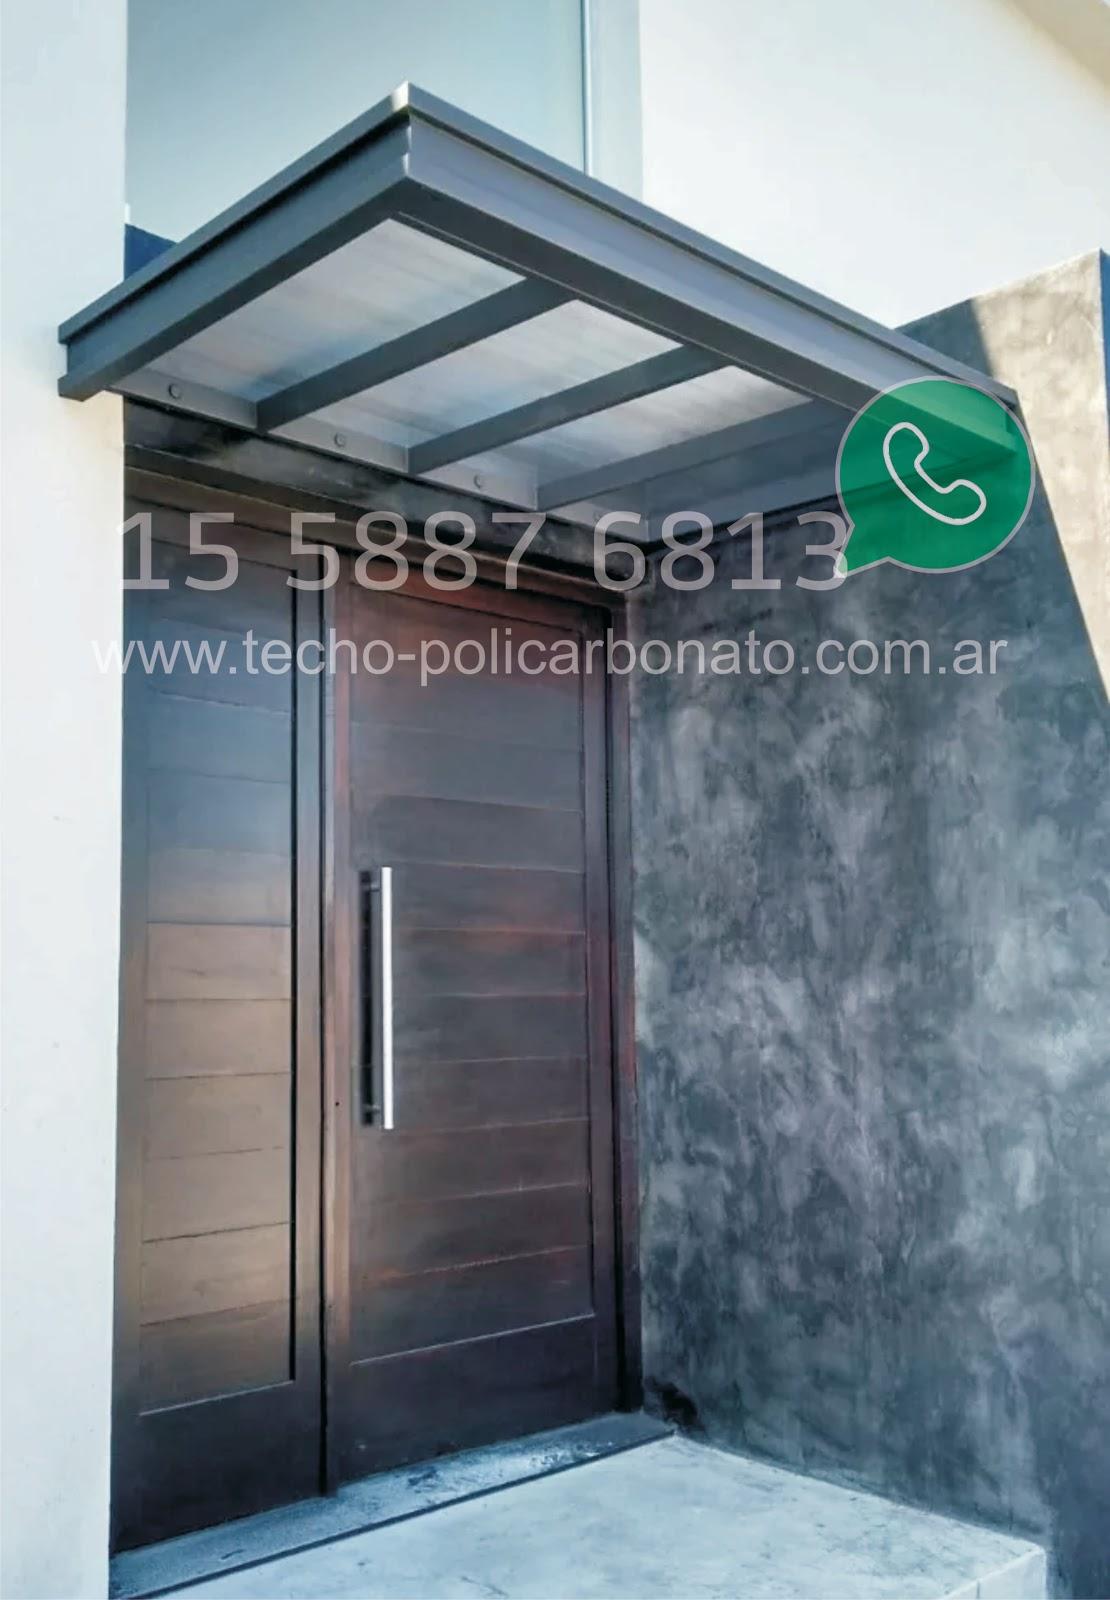 Alero para puertas o ventanas for Ventanas para techos planos argentina